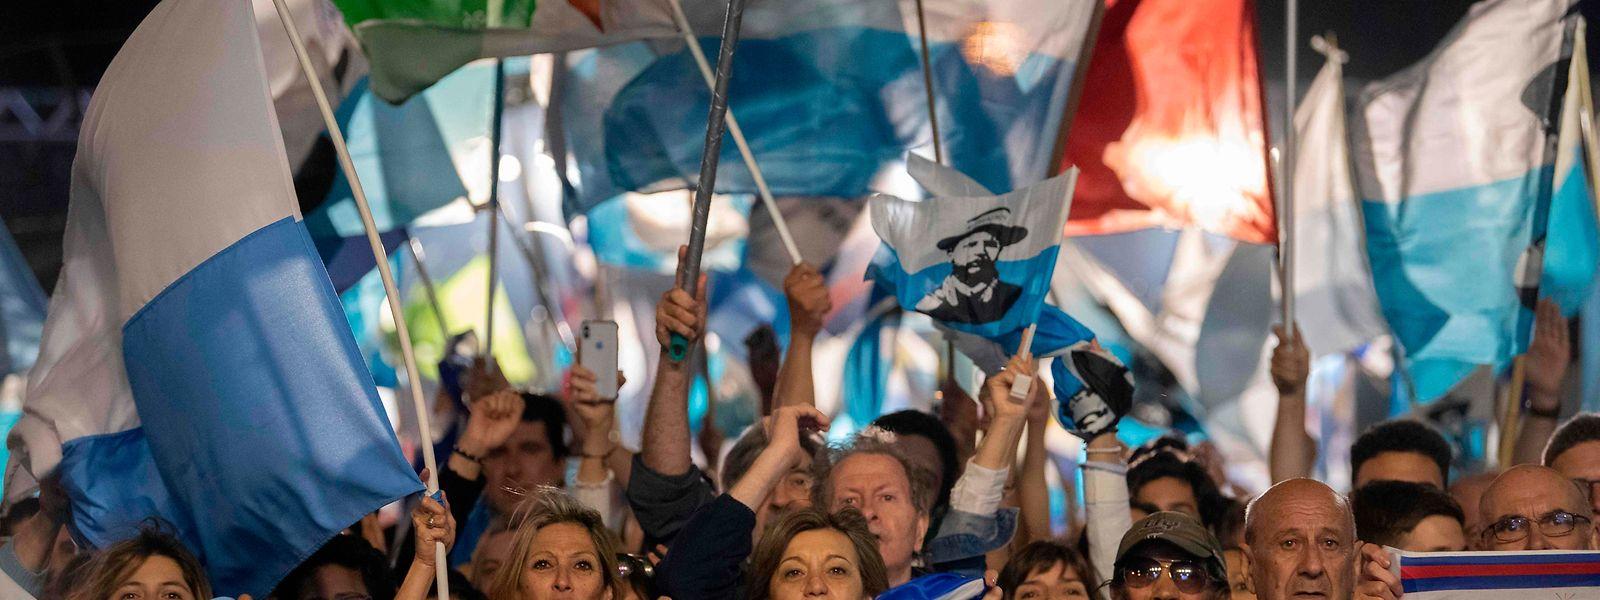 Anhänger des neu gewählten Präsidenten feiern am Donnerstag ausgelassen nach Bekanntgabe des Ergebnisses.